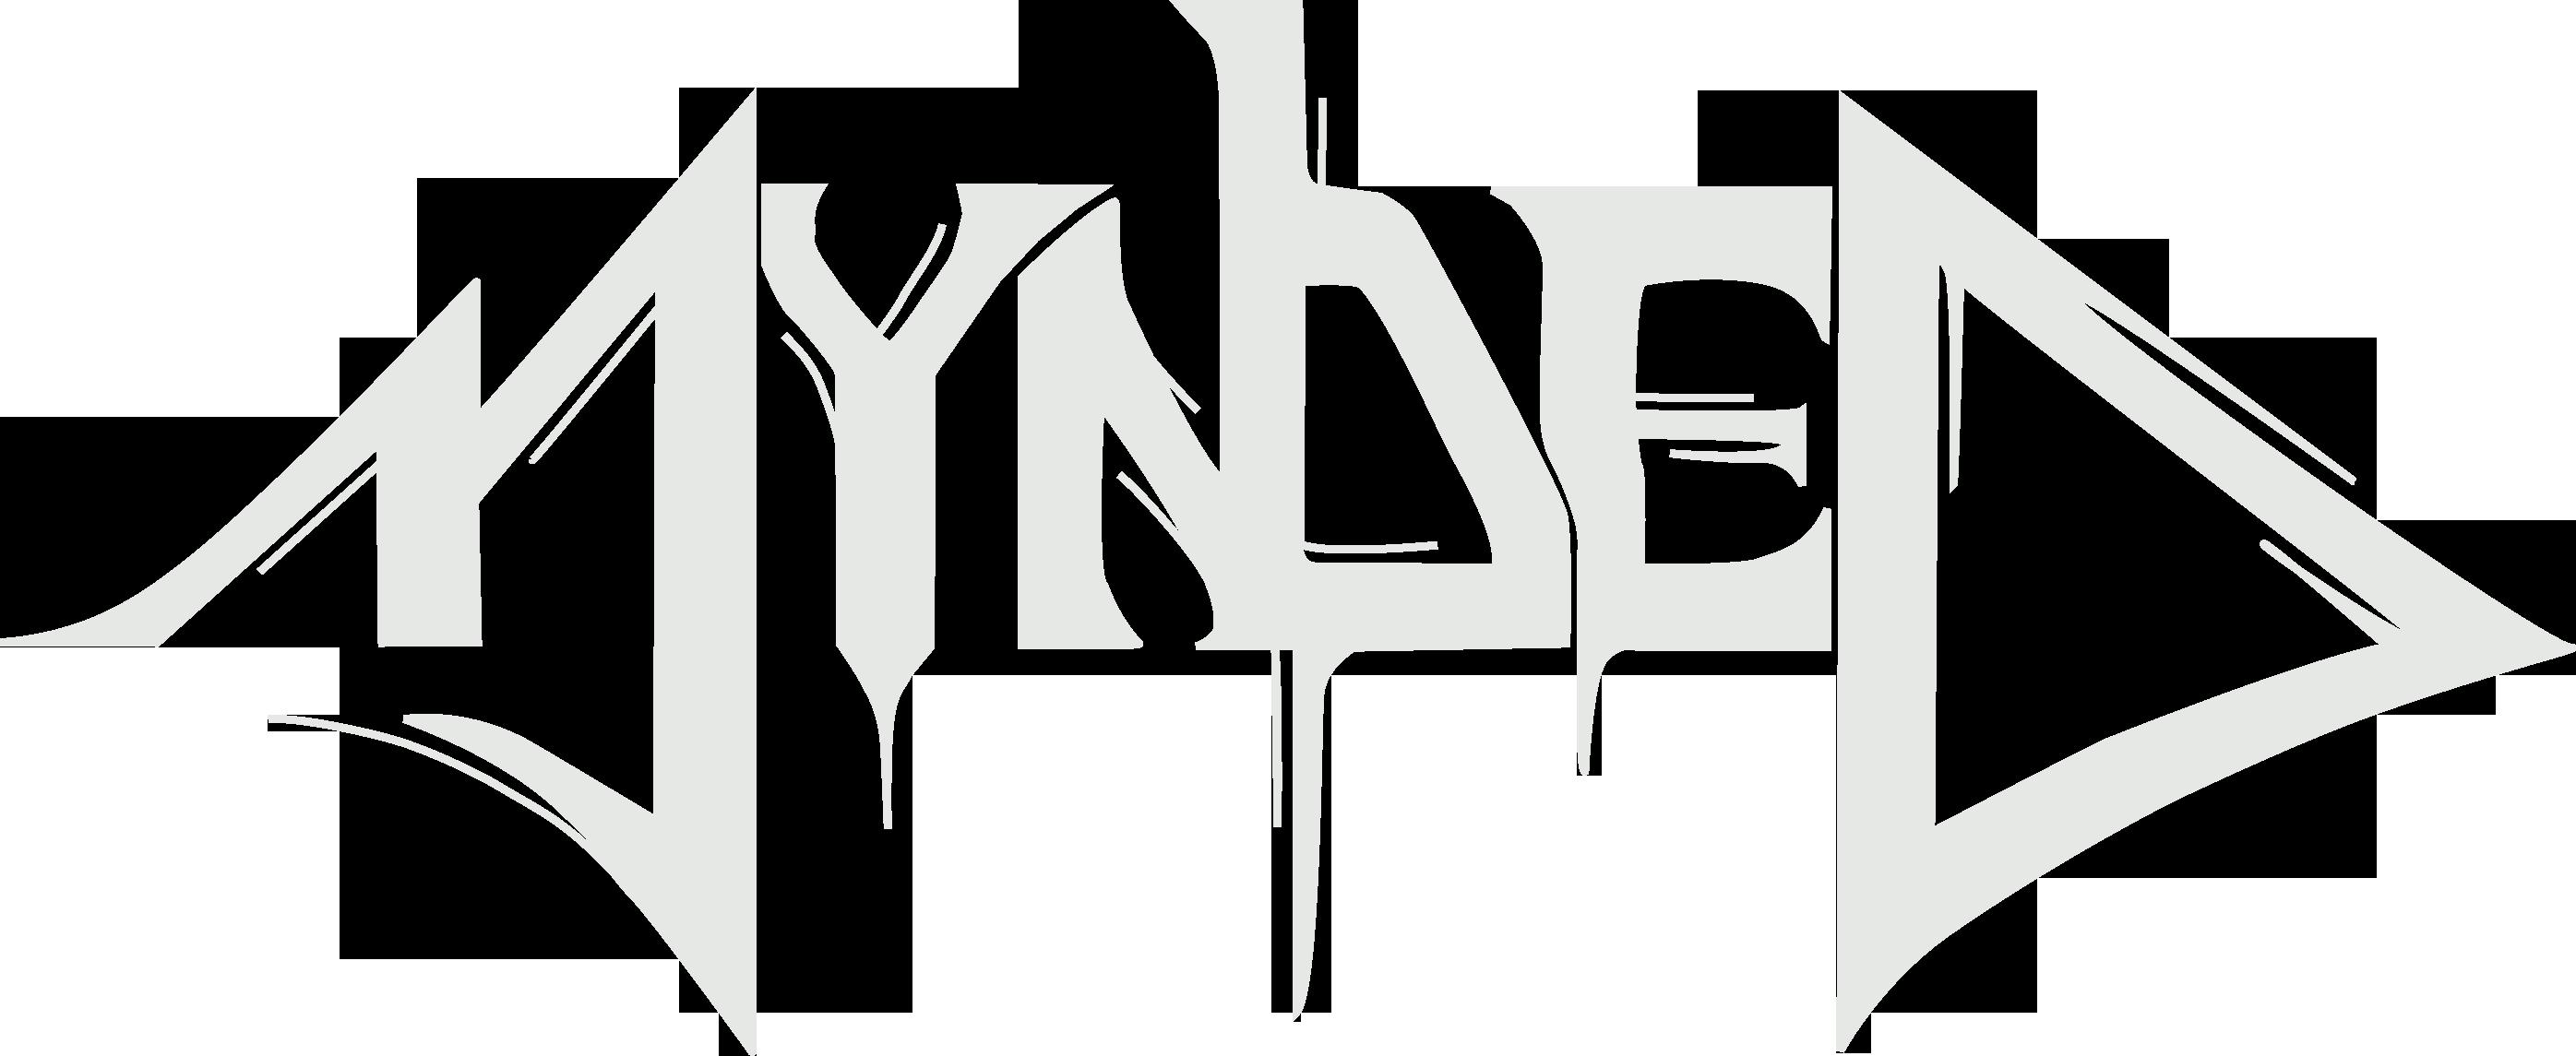 MYNDED